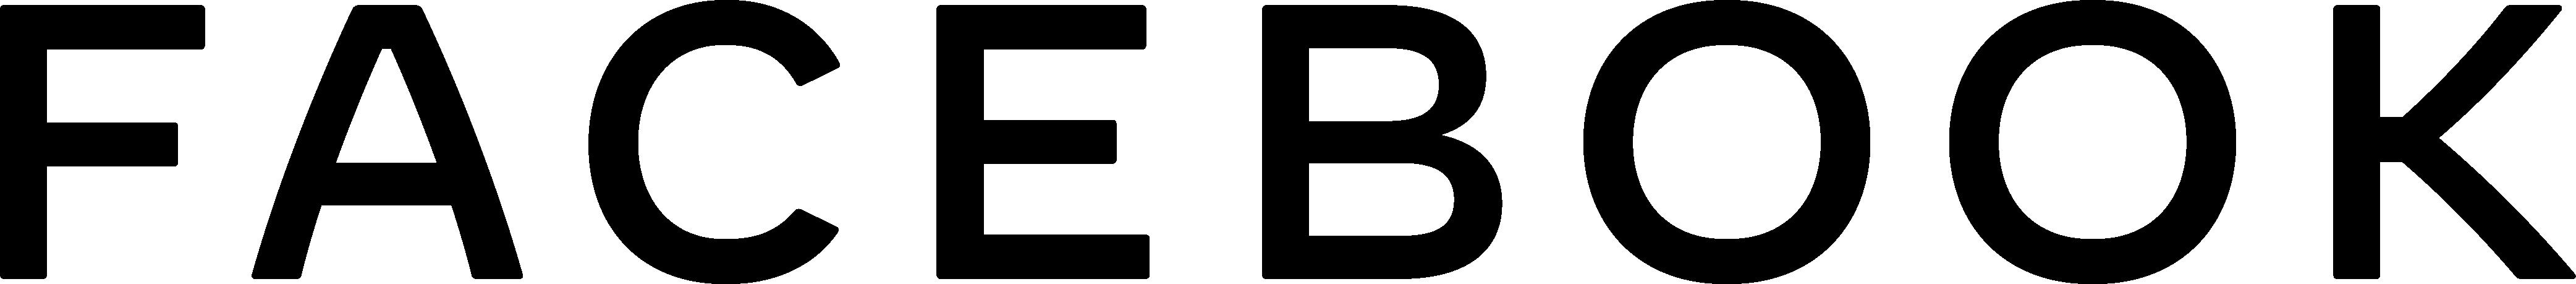 FACEBOOK_logo_Black_RGB.png